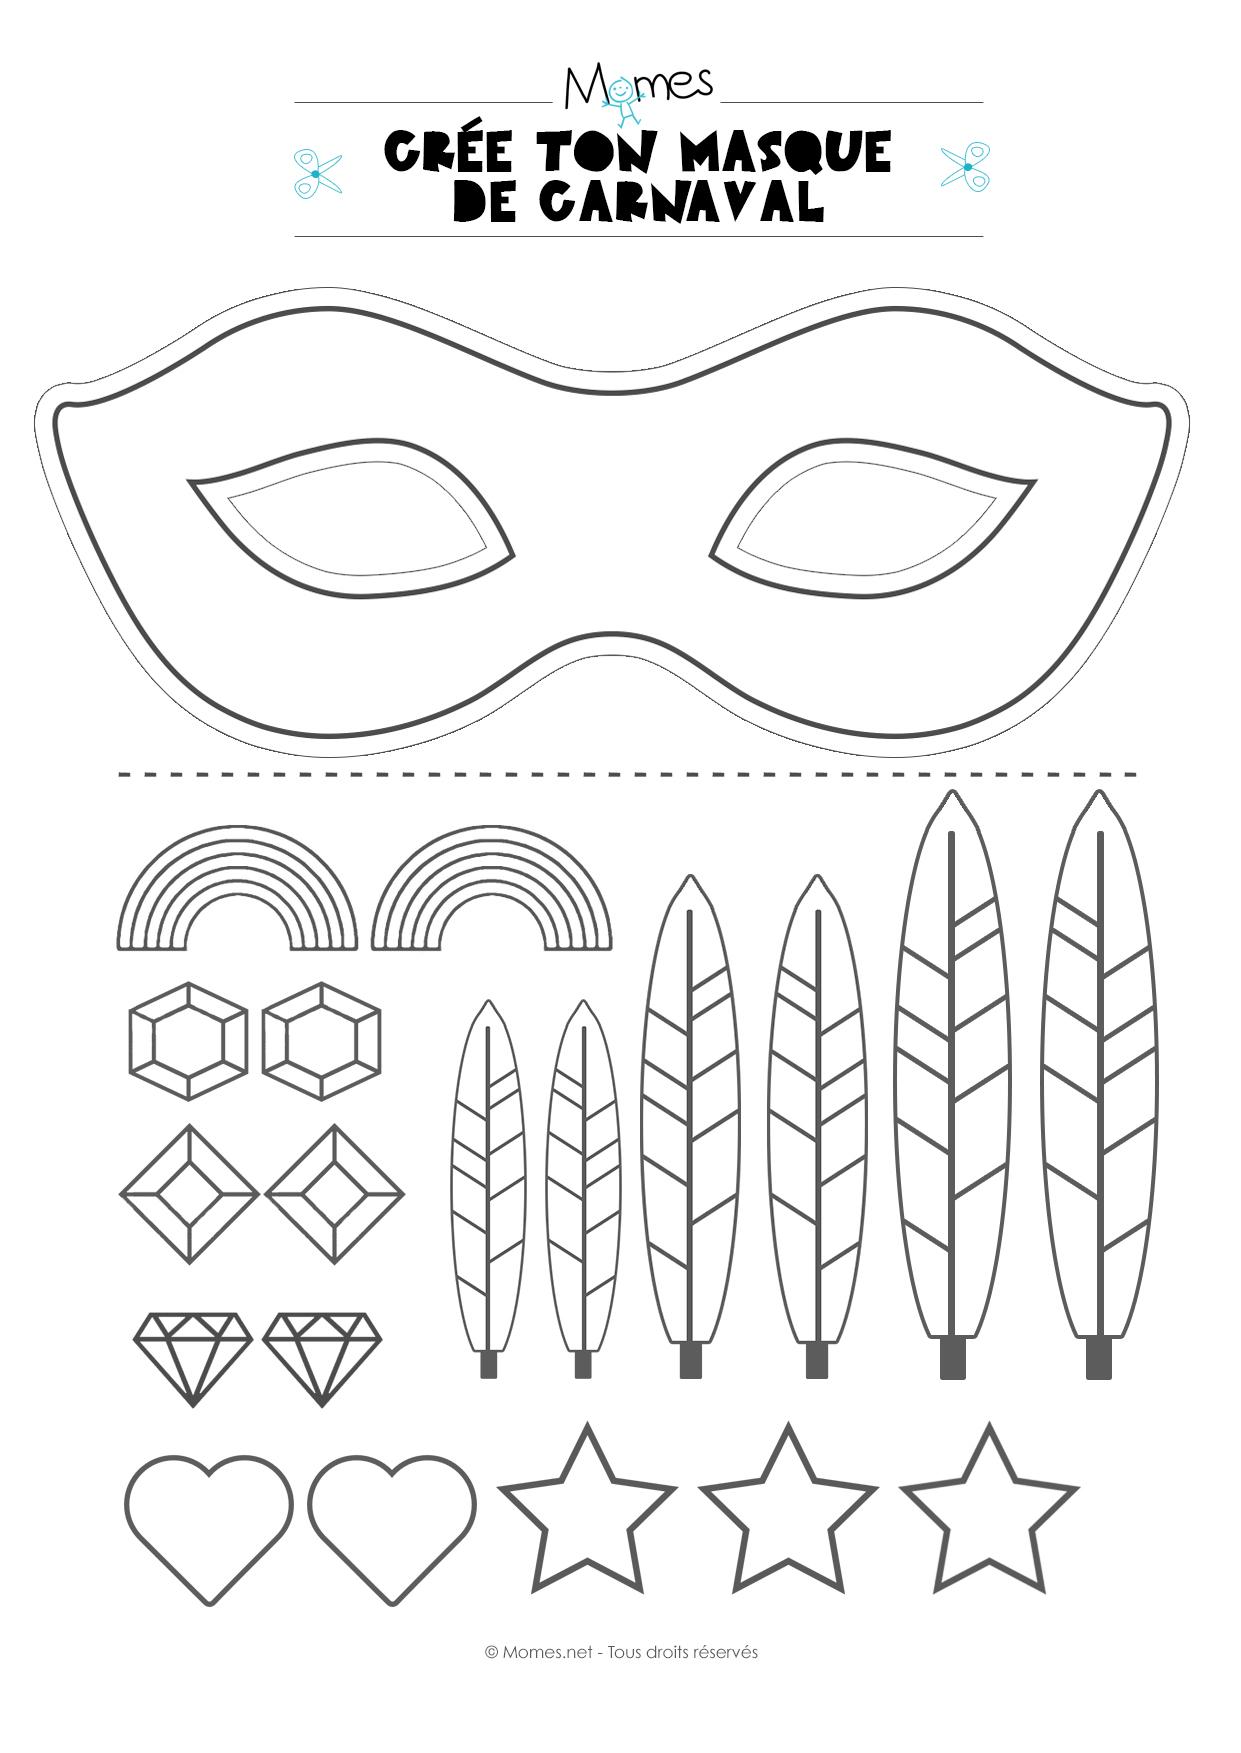 Kit Pour Faire Un Masque De Carnaval - Momes intérieur Masque De Loup À Imprimer